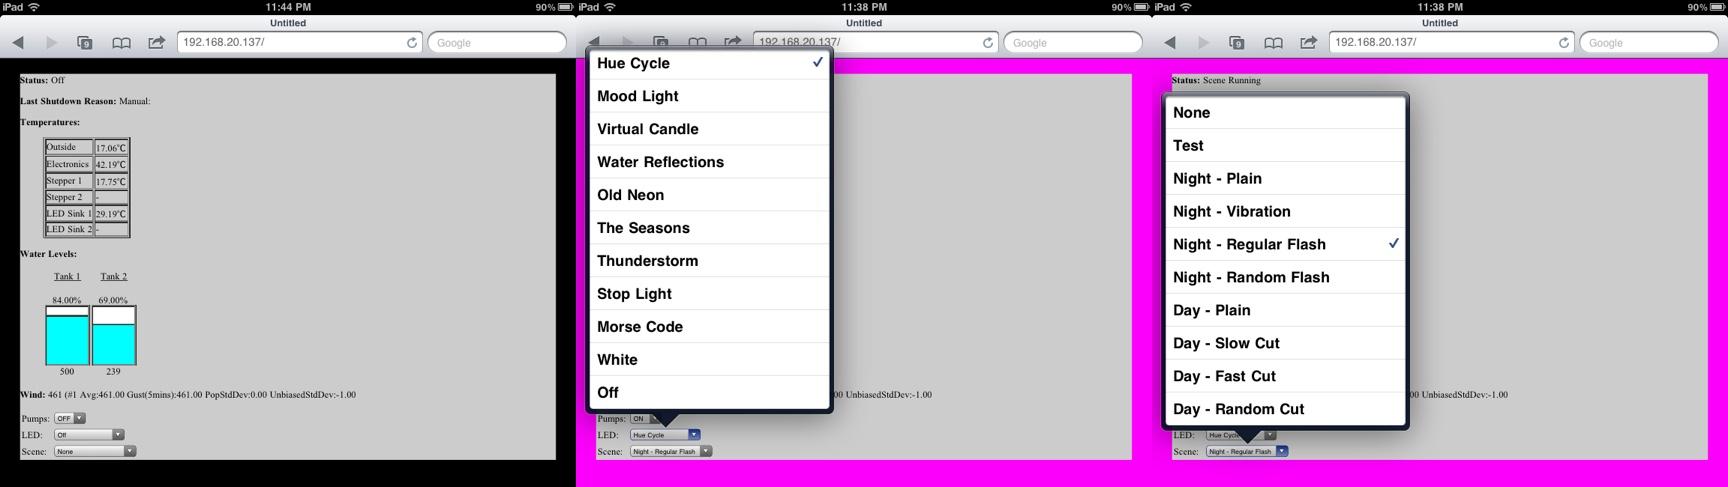 Jetty's Wifi Web Based Laminar Jet Project Screen14